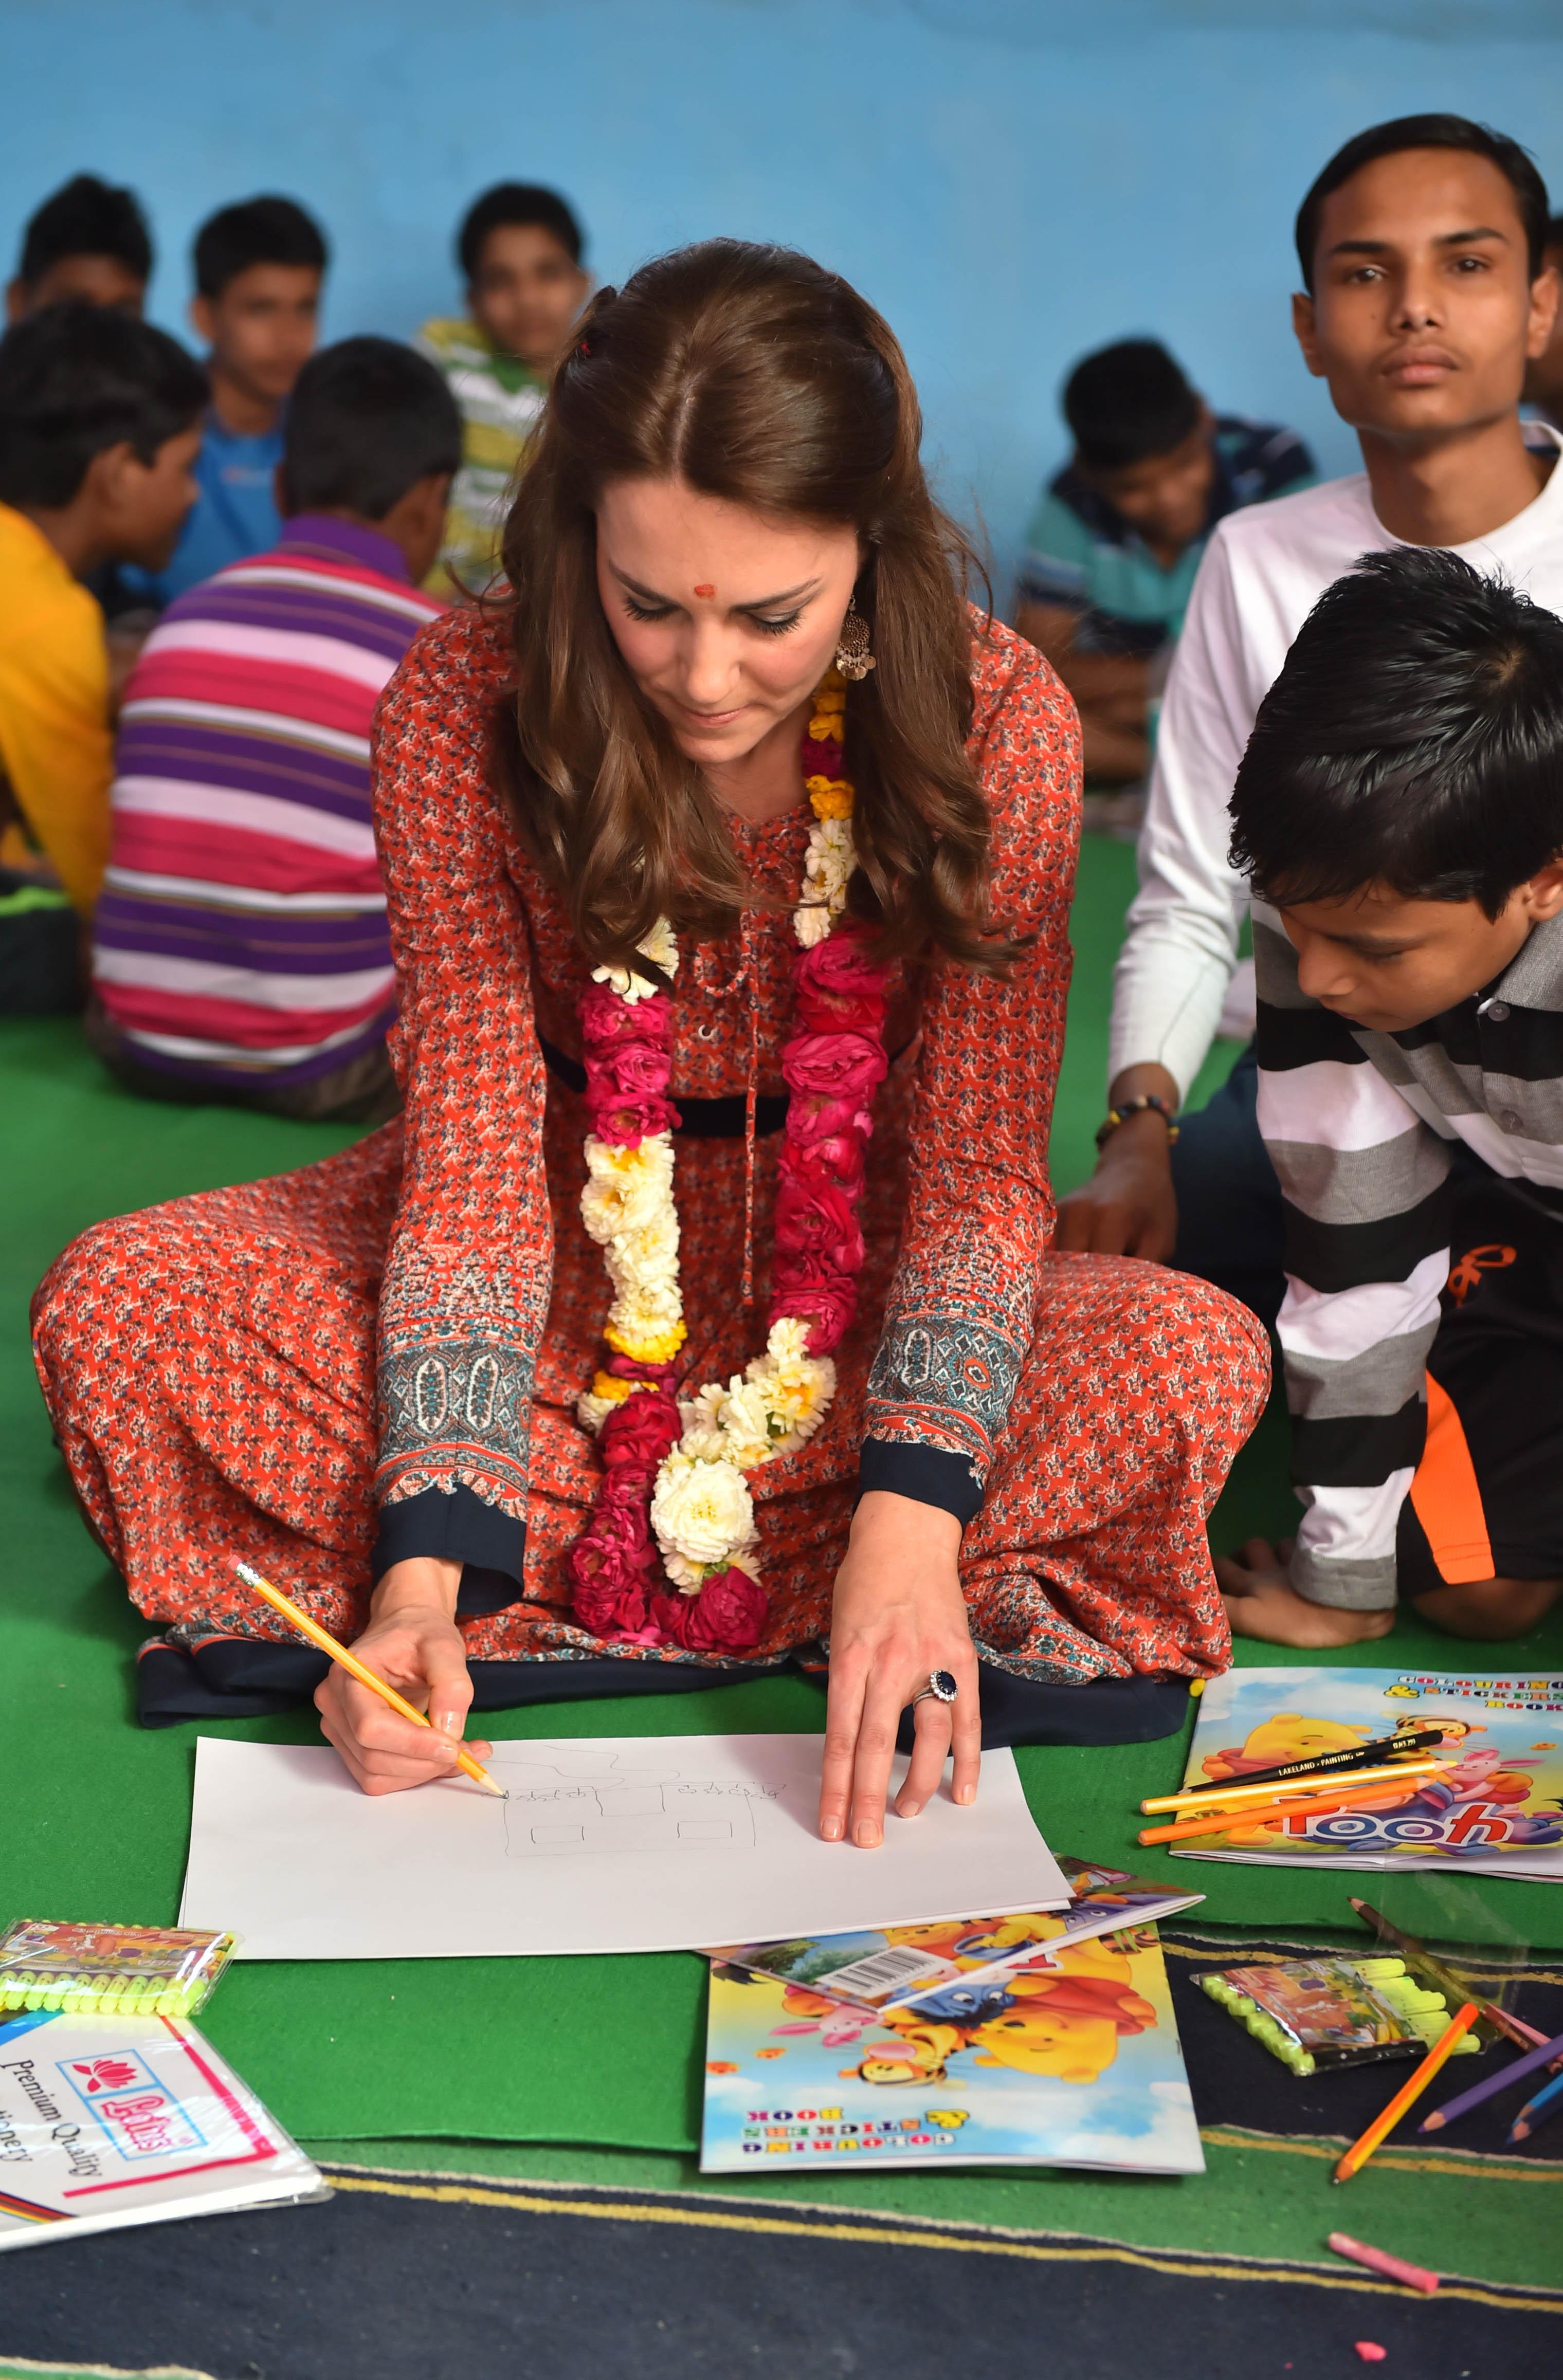 Duchess Of Cambridge attends an art class in India